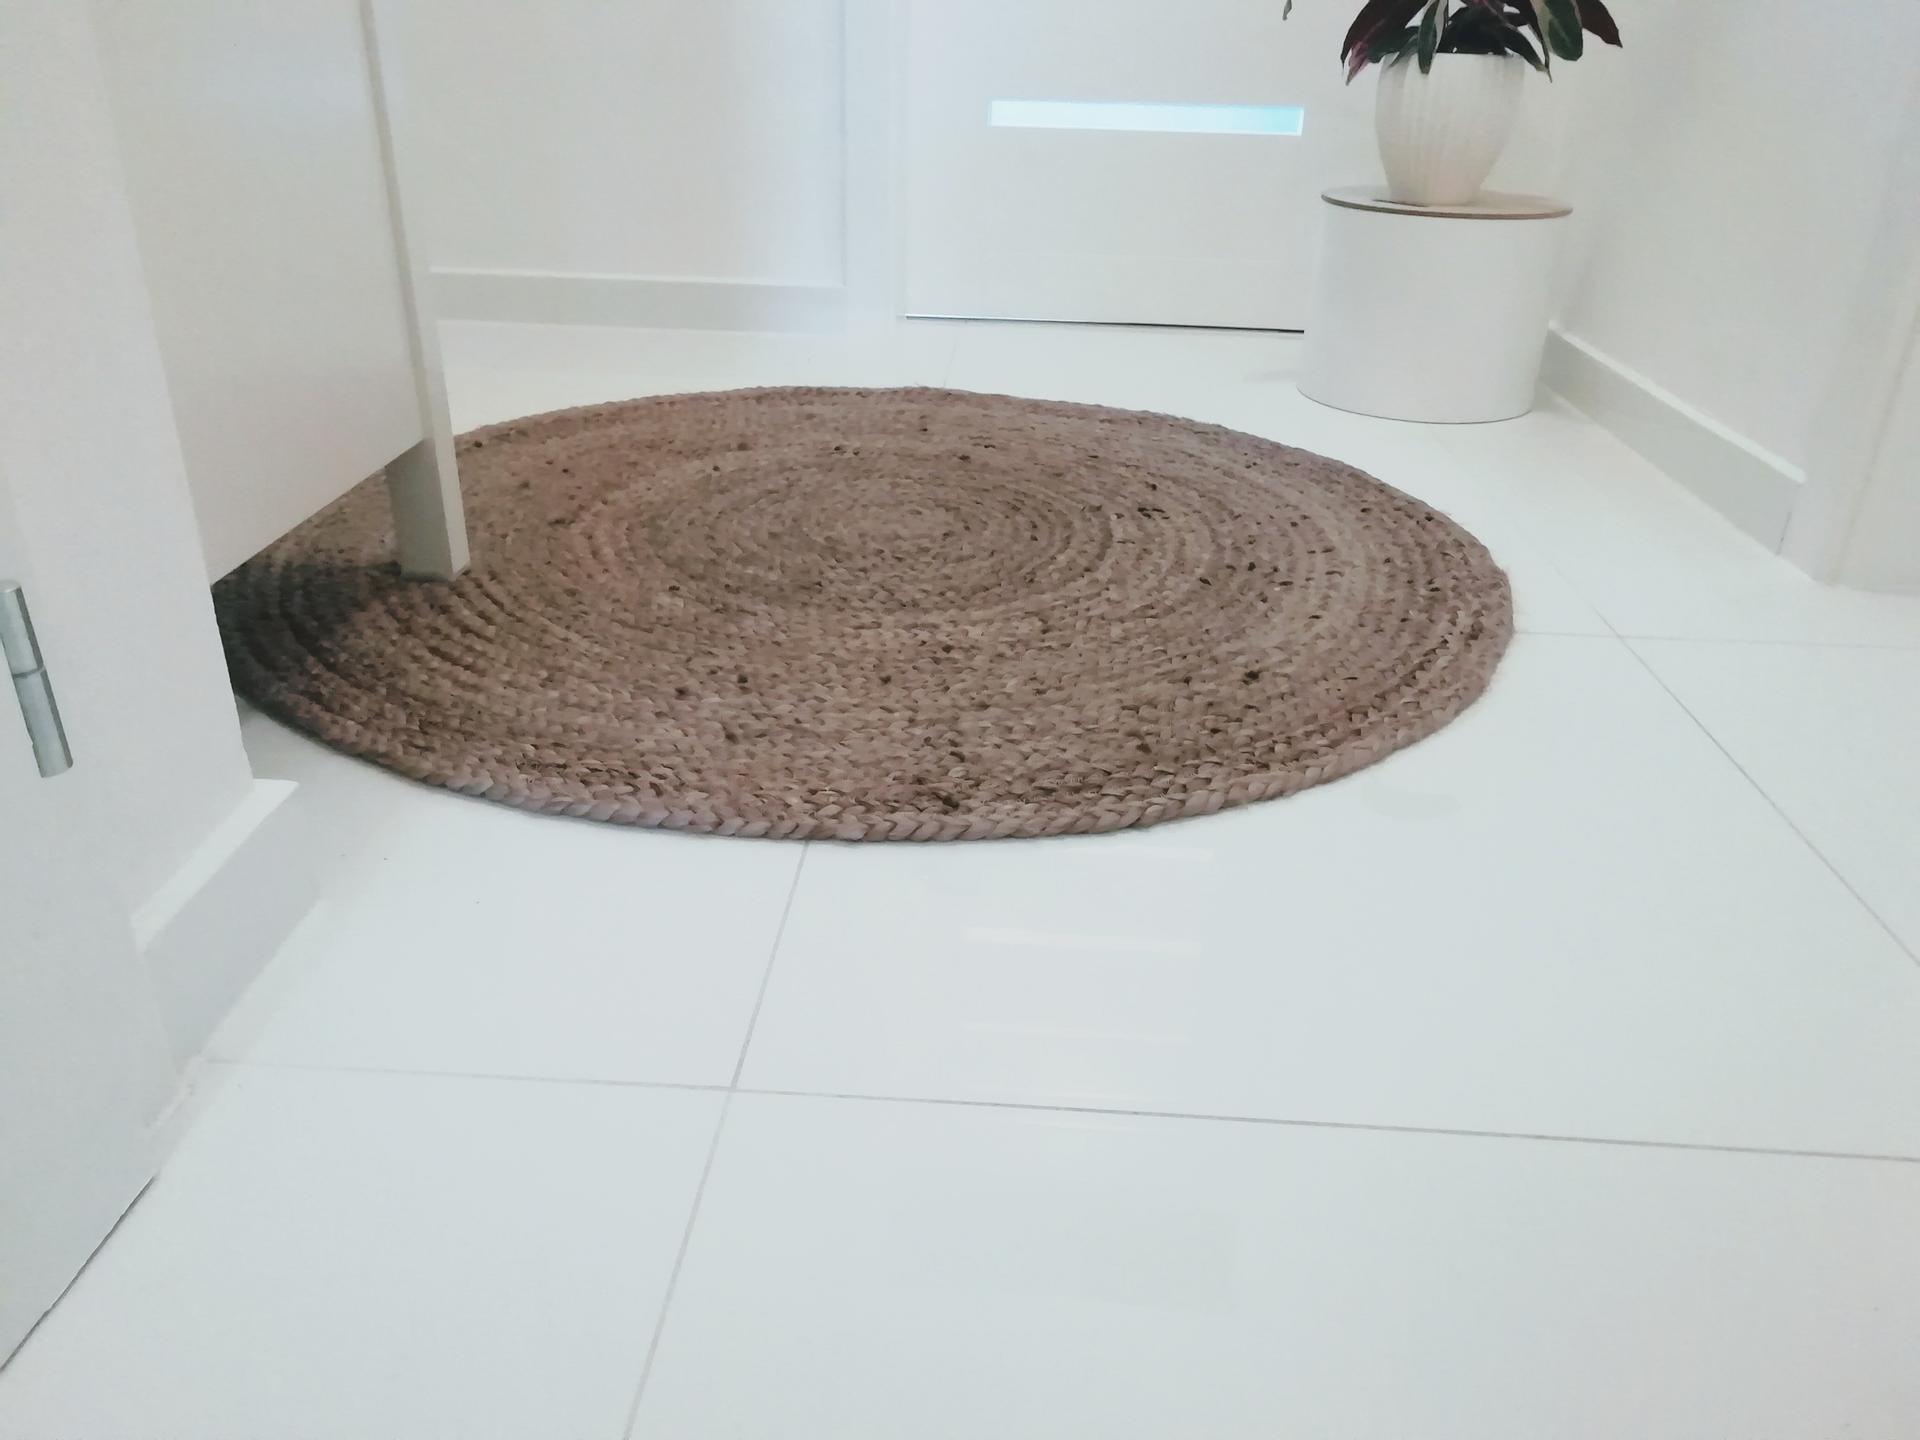 Prerábka kúpeľne, wc a chodby v byte - .. jutový koberček, priemer 110cm